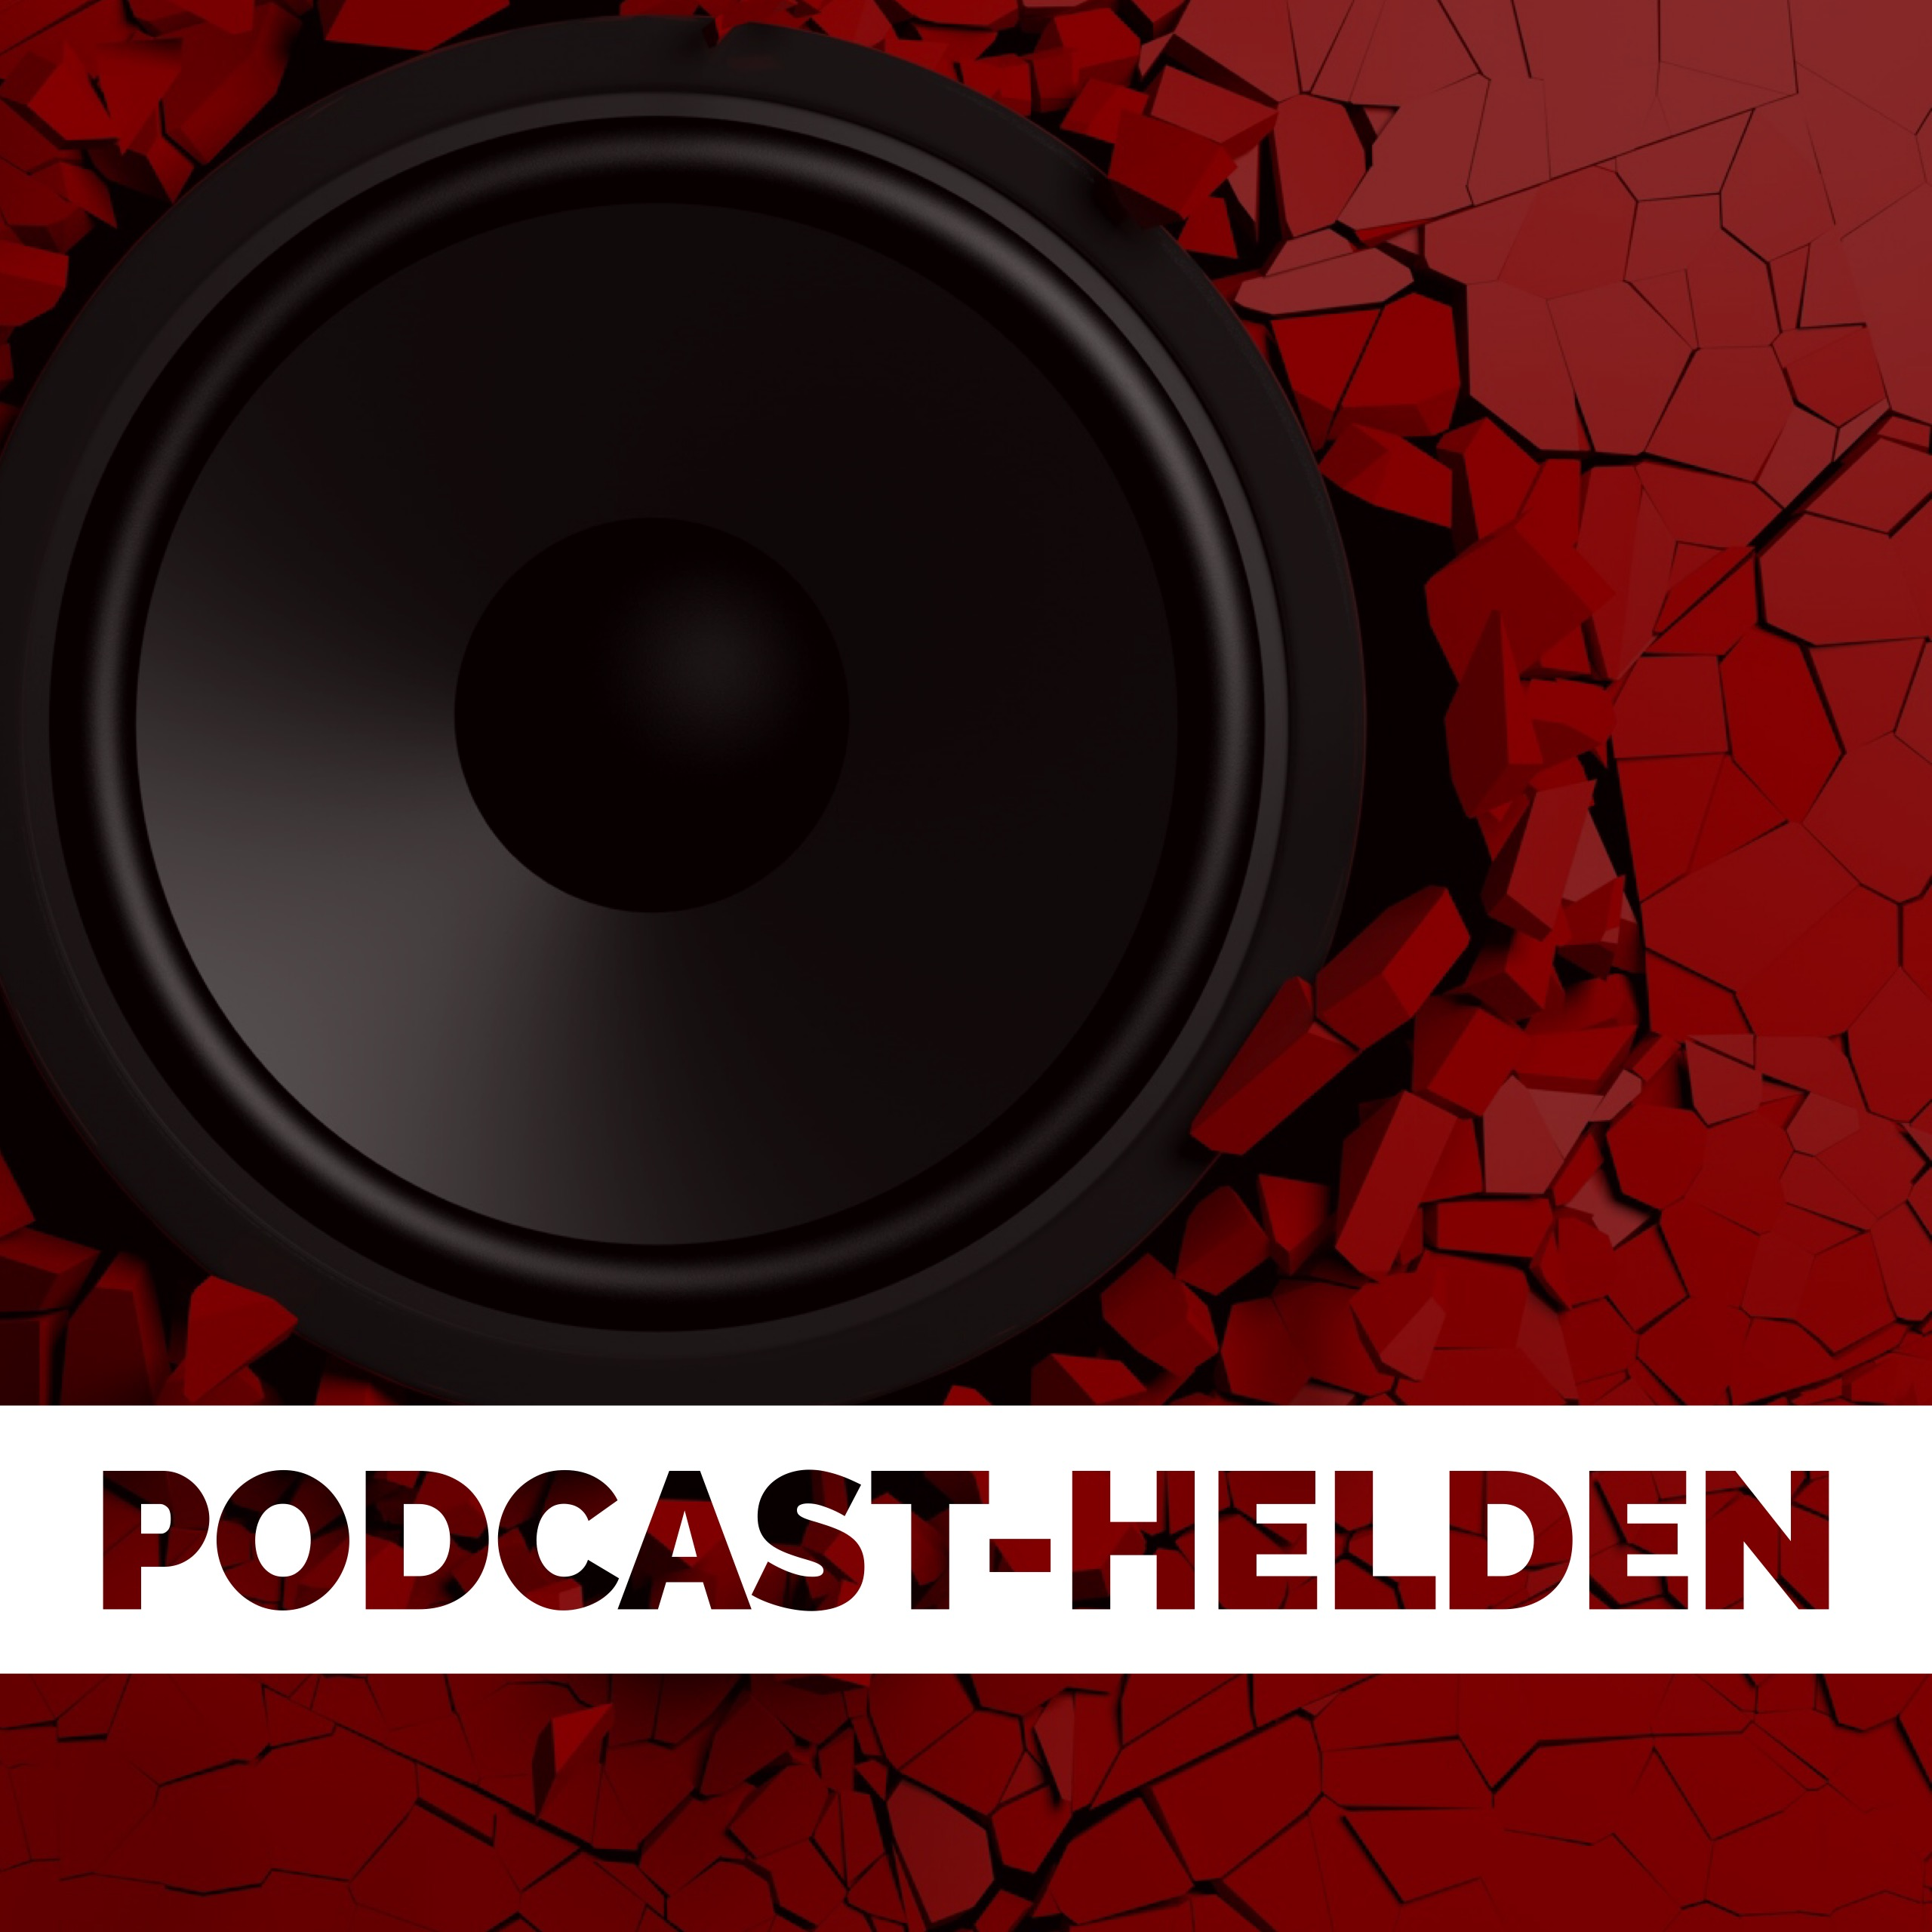 Podcast-Helden ON AIR | So gewinnst du Fans und Kunden mit deinem Podcast